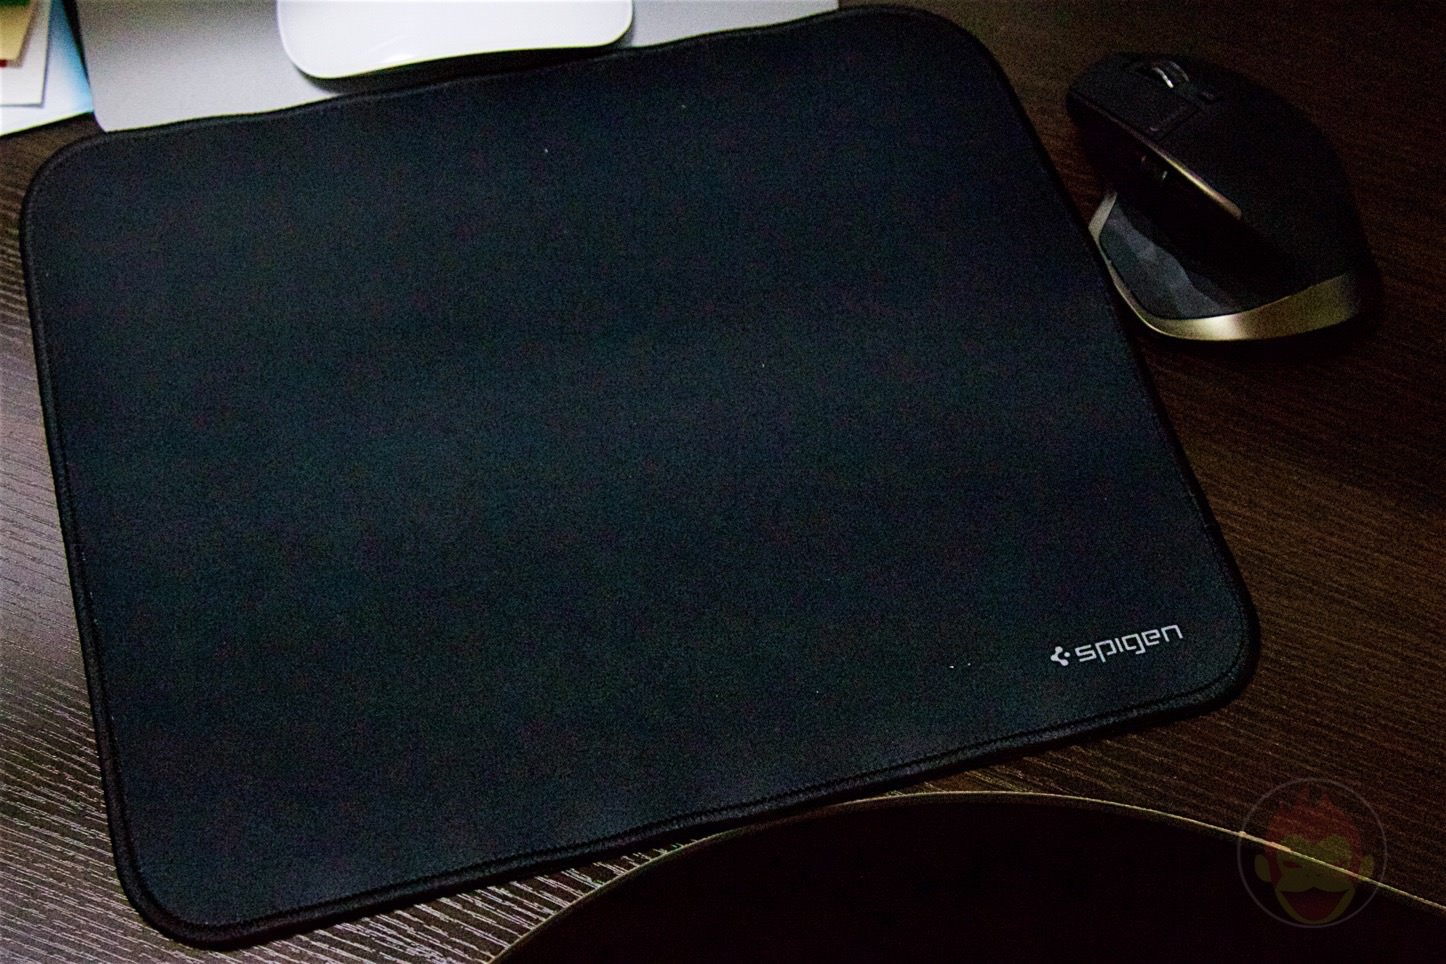 Spigen-Mouse-Pad-A100-02.jpg